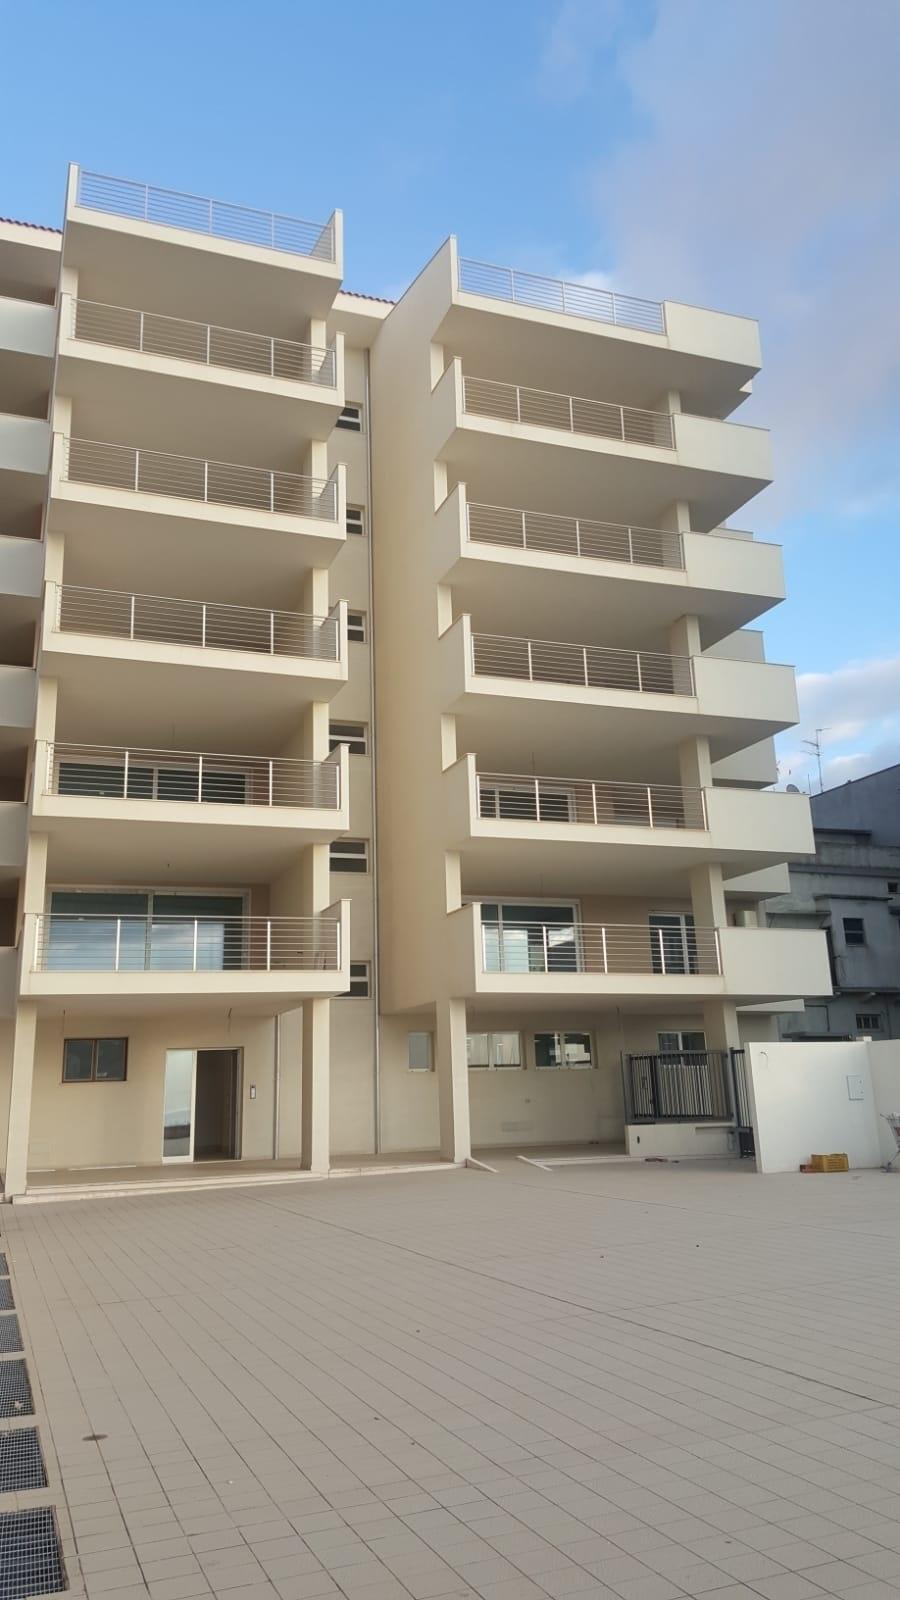 Appartamento in vendita a Reggio Calabria, 6 locali, prezzo € 440.000 | CambioCasa.it